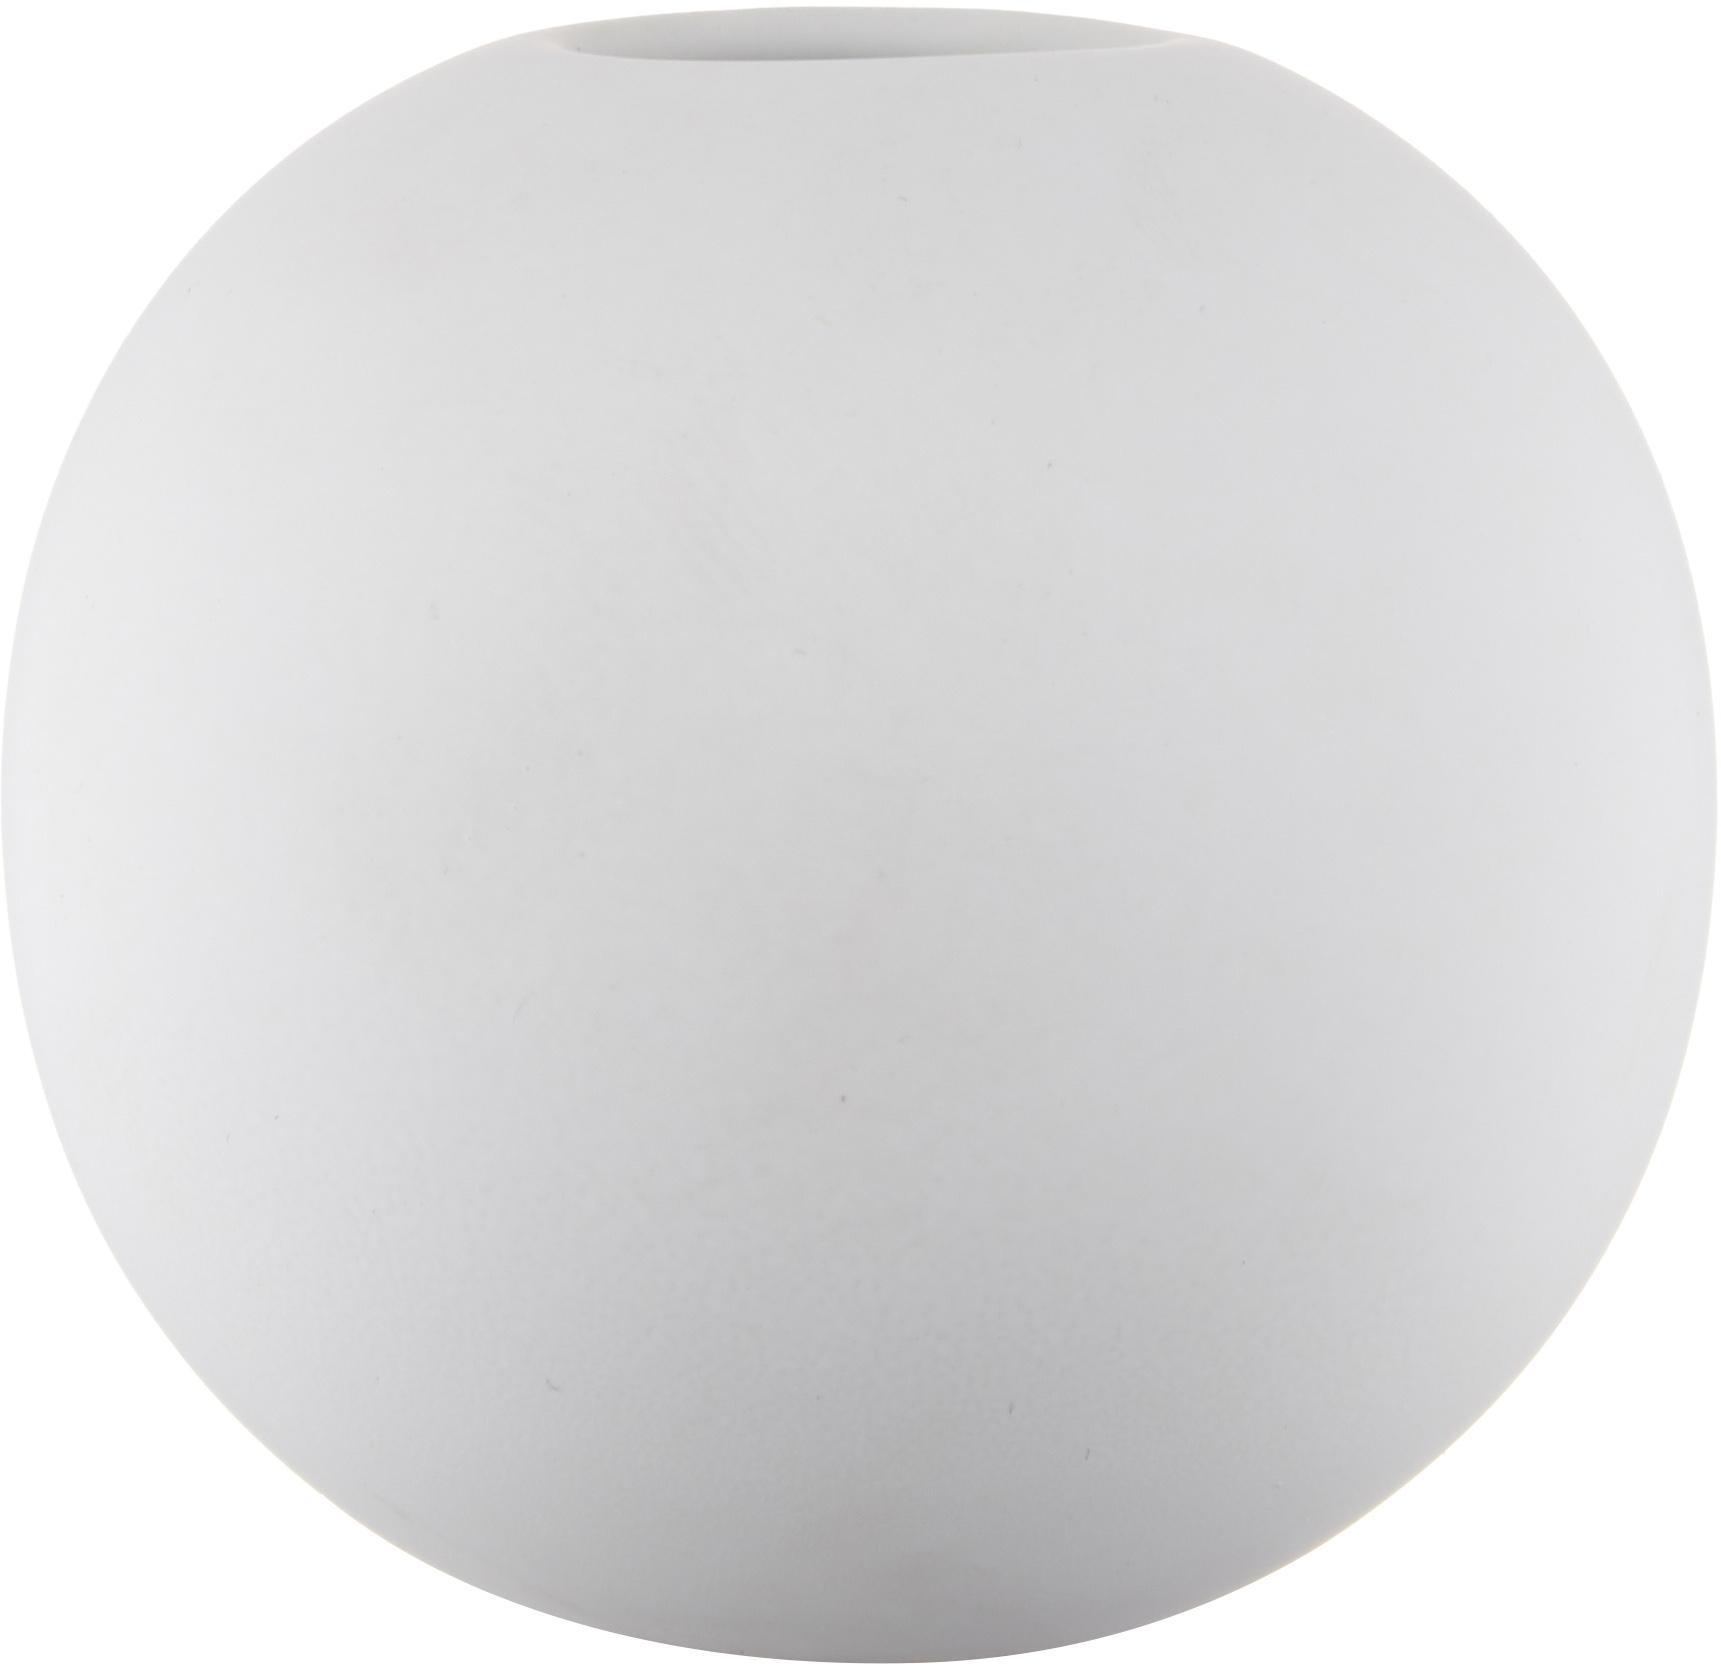 Jarrón artesanal Ball, Cerámica, Blanco, Ø 10 x Al 10 cm